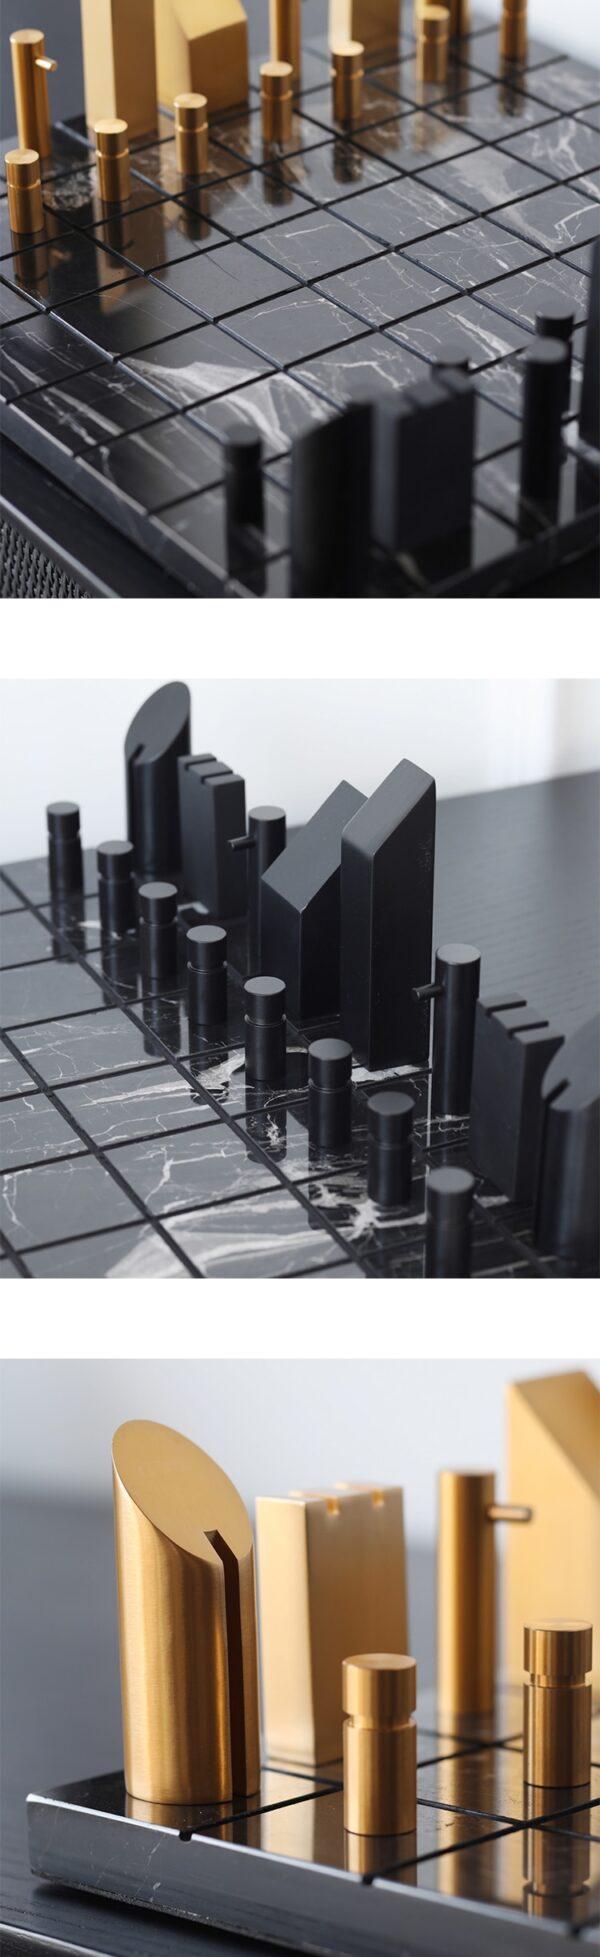 اكسسوارات منزل الشطرنج اون لاين اكسسوارات منزلية